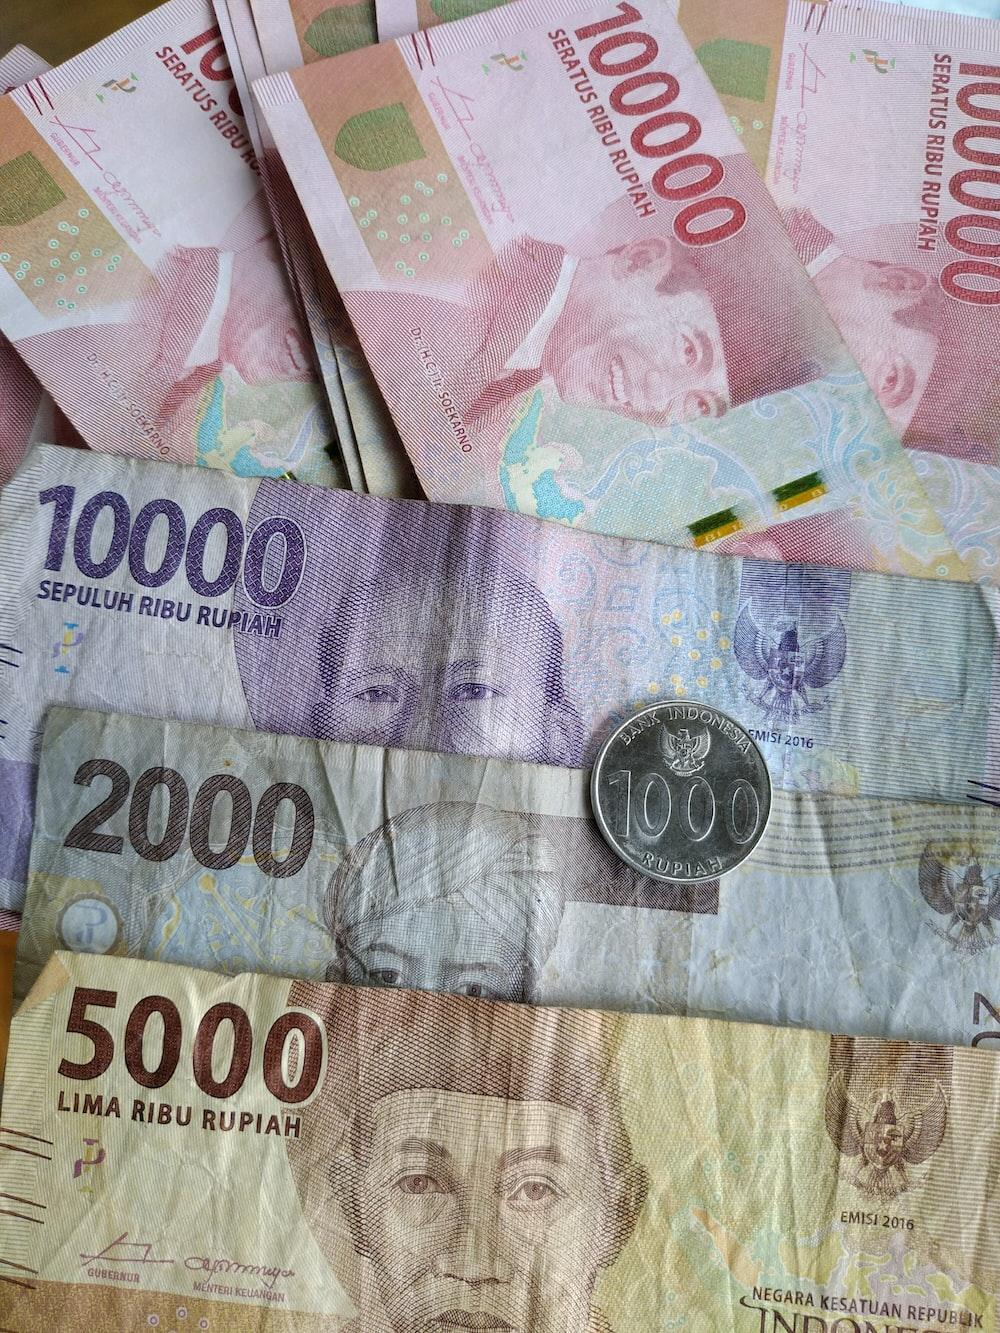 1000 philippine peso bill on white textile